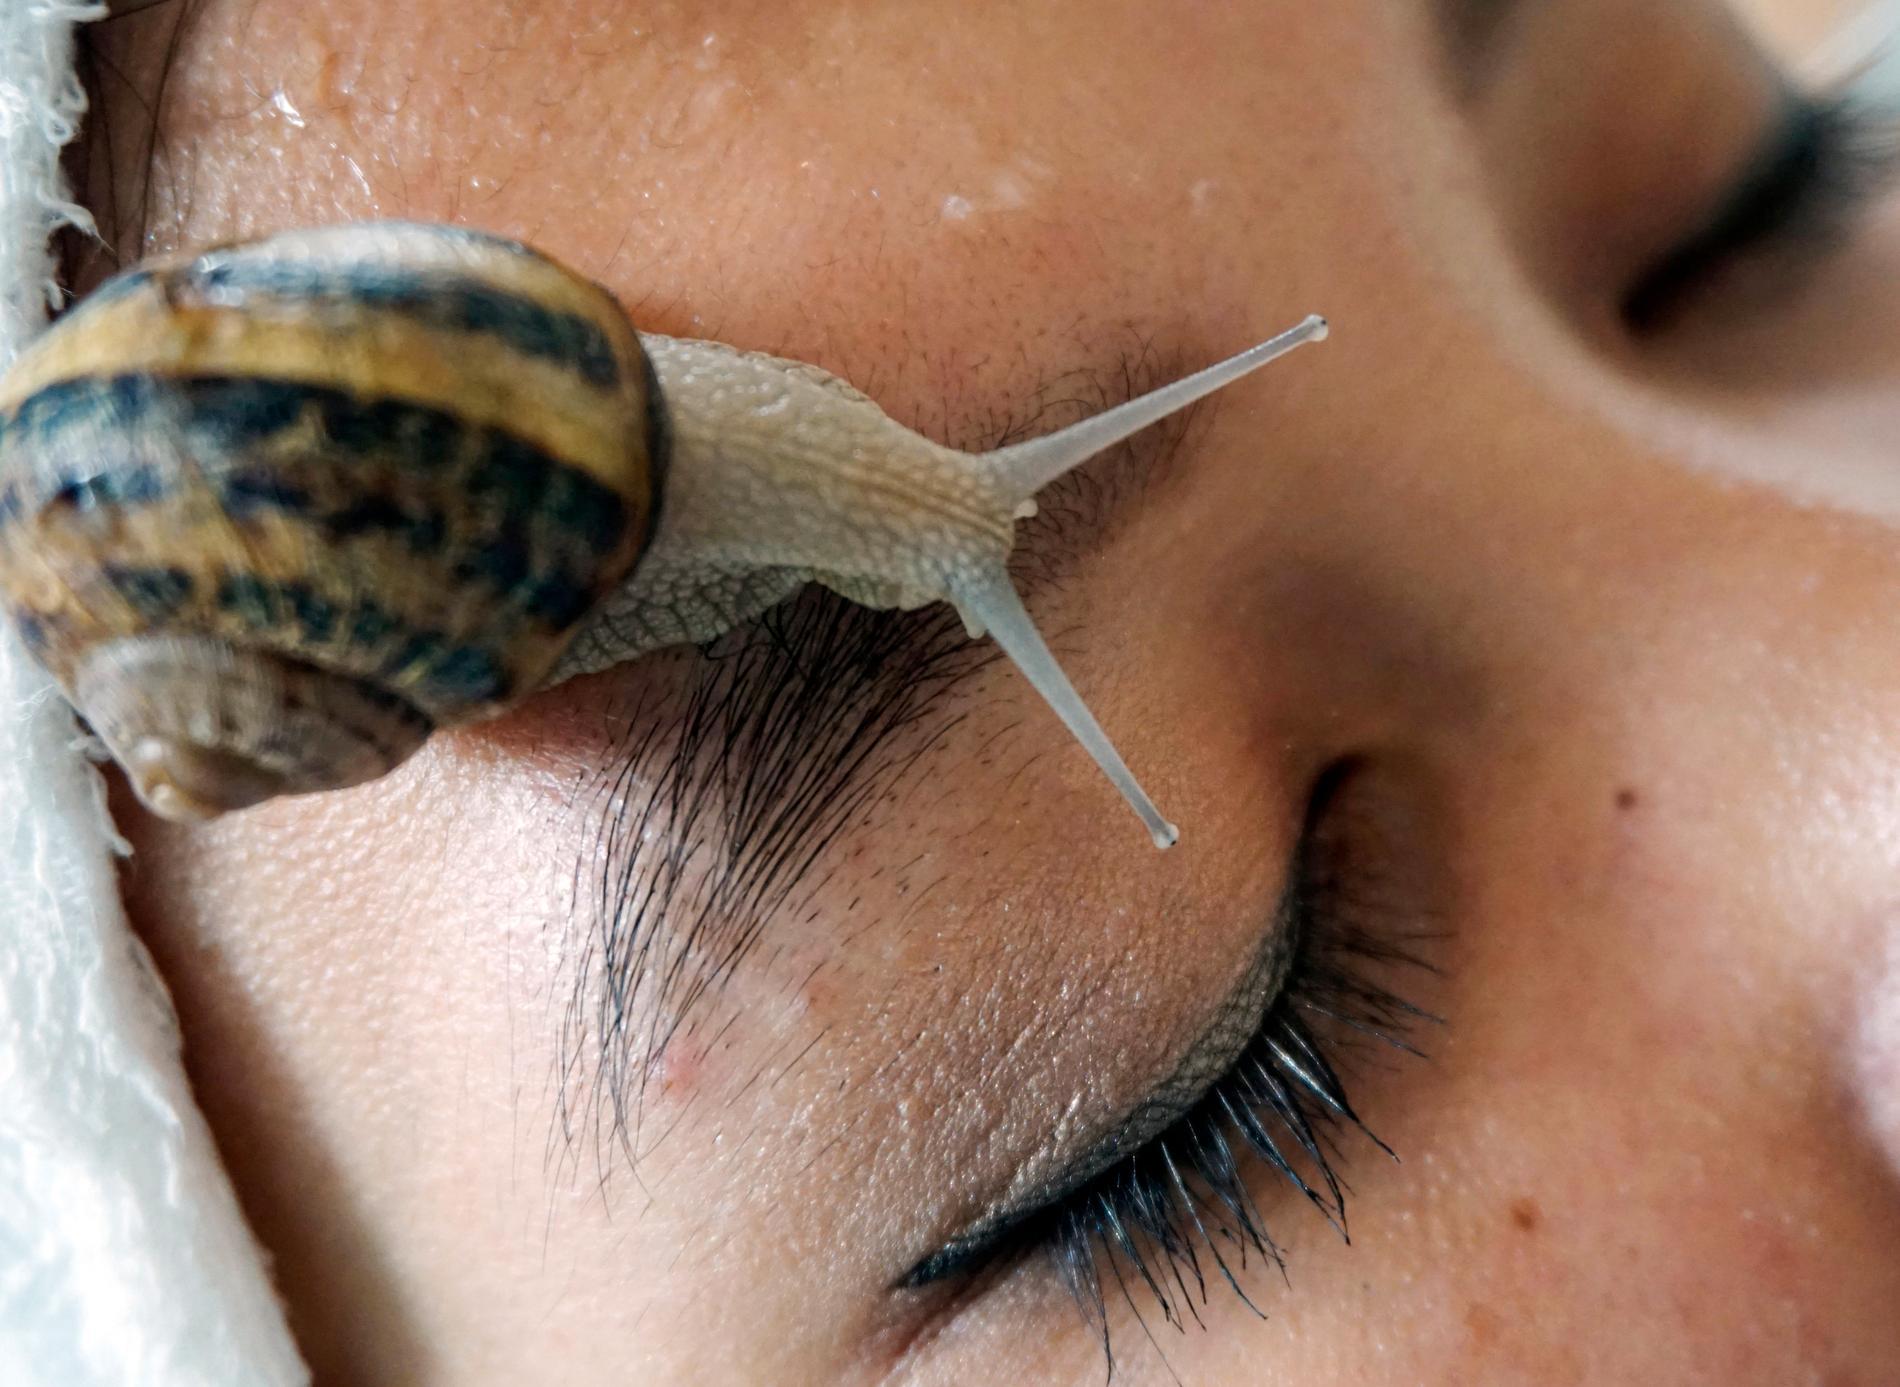 Snigelslem i ansiktet ger huden extra lyster, enligt en koreansk hudvårdstrend. Arkivbild.